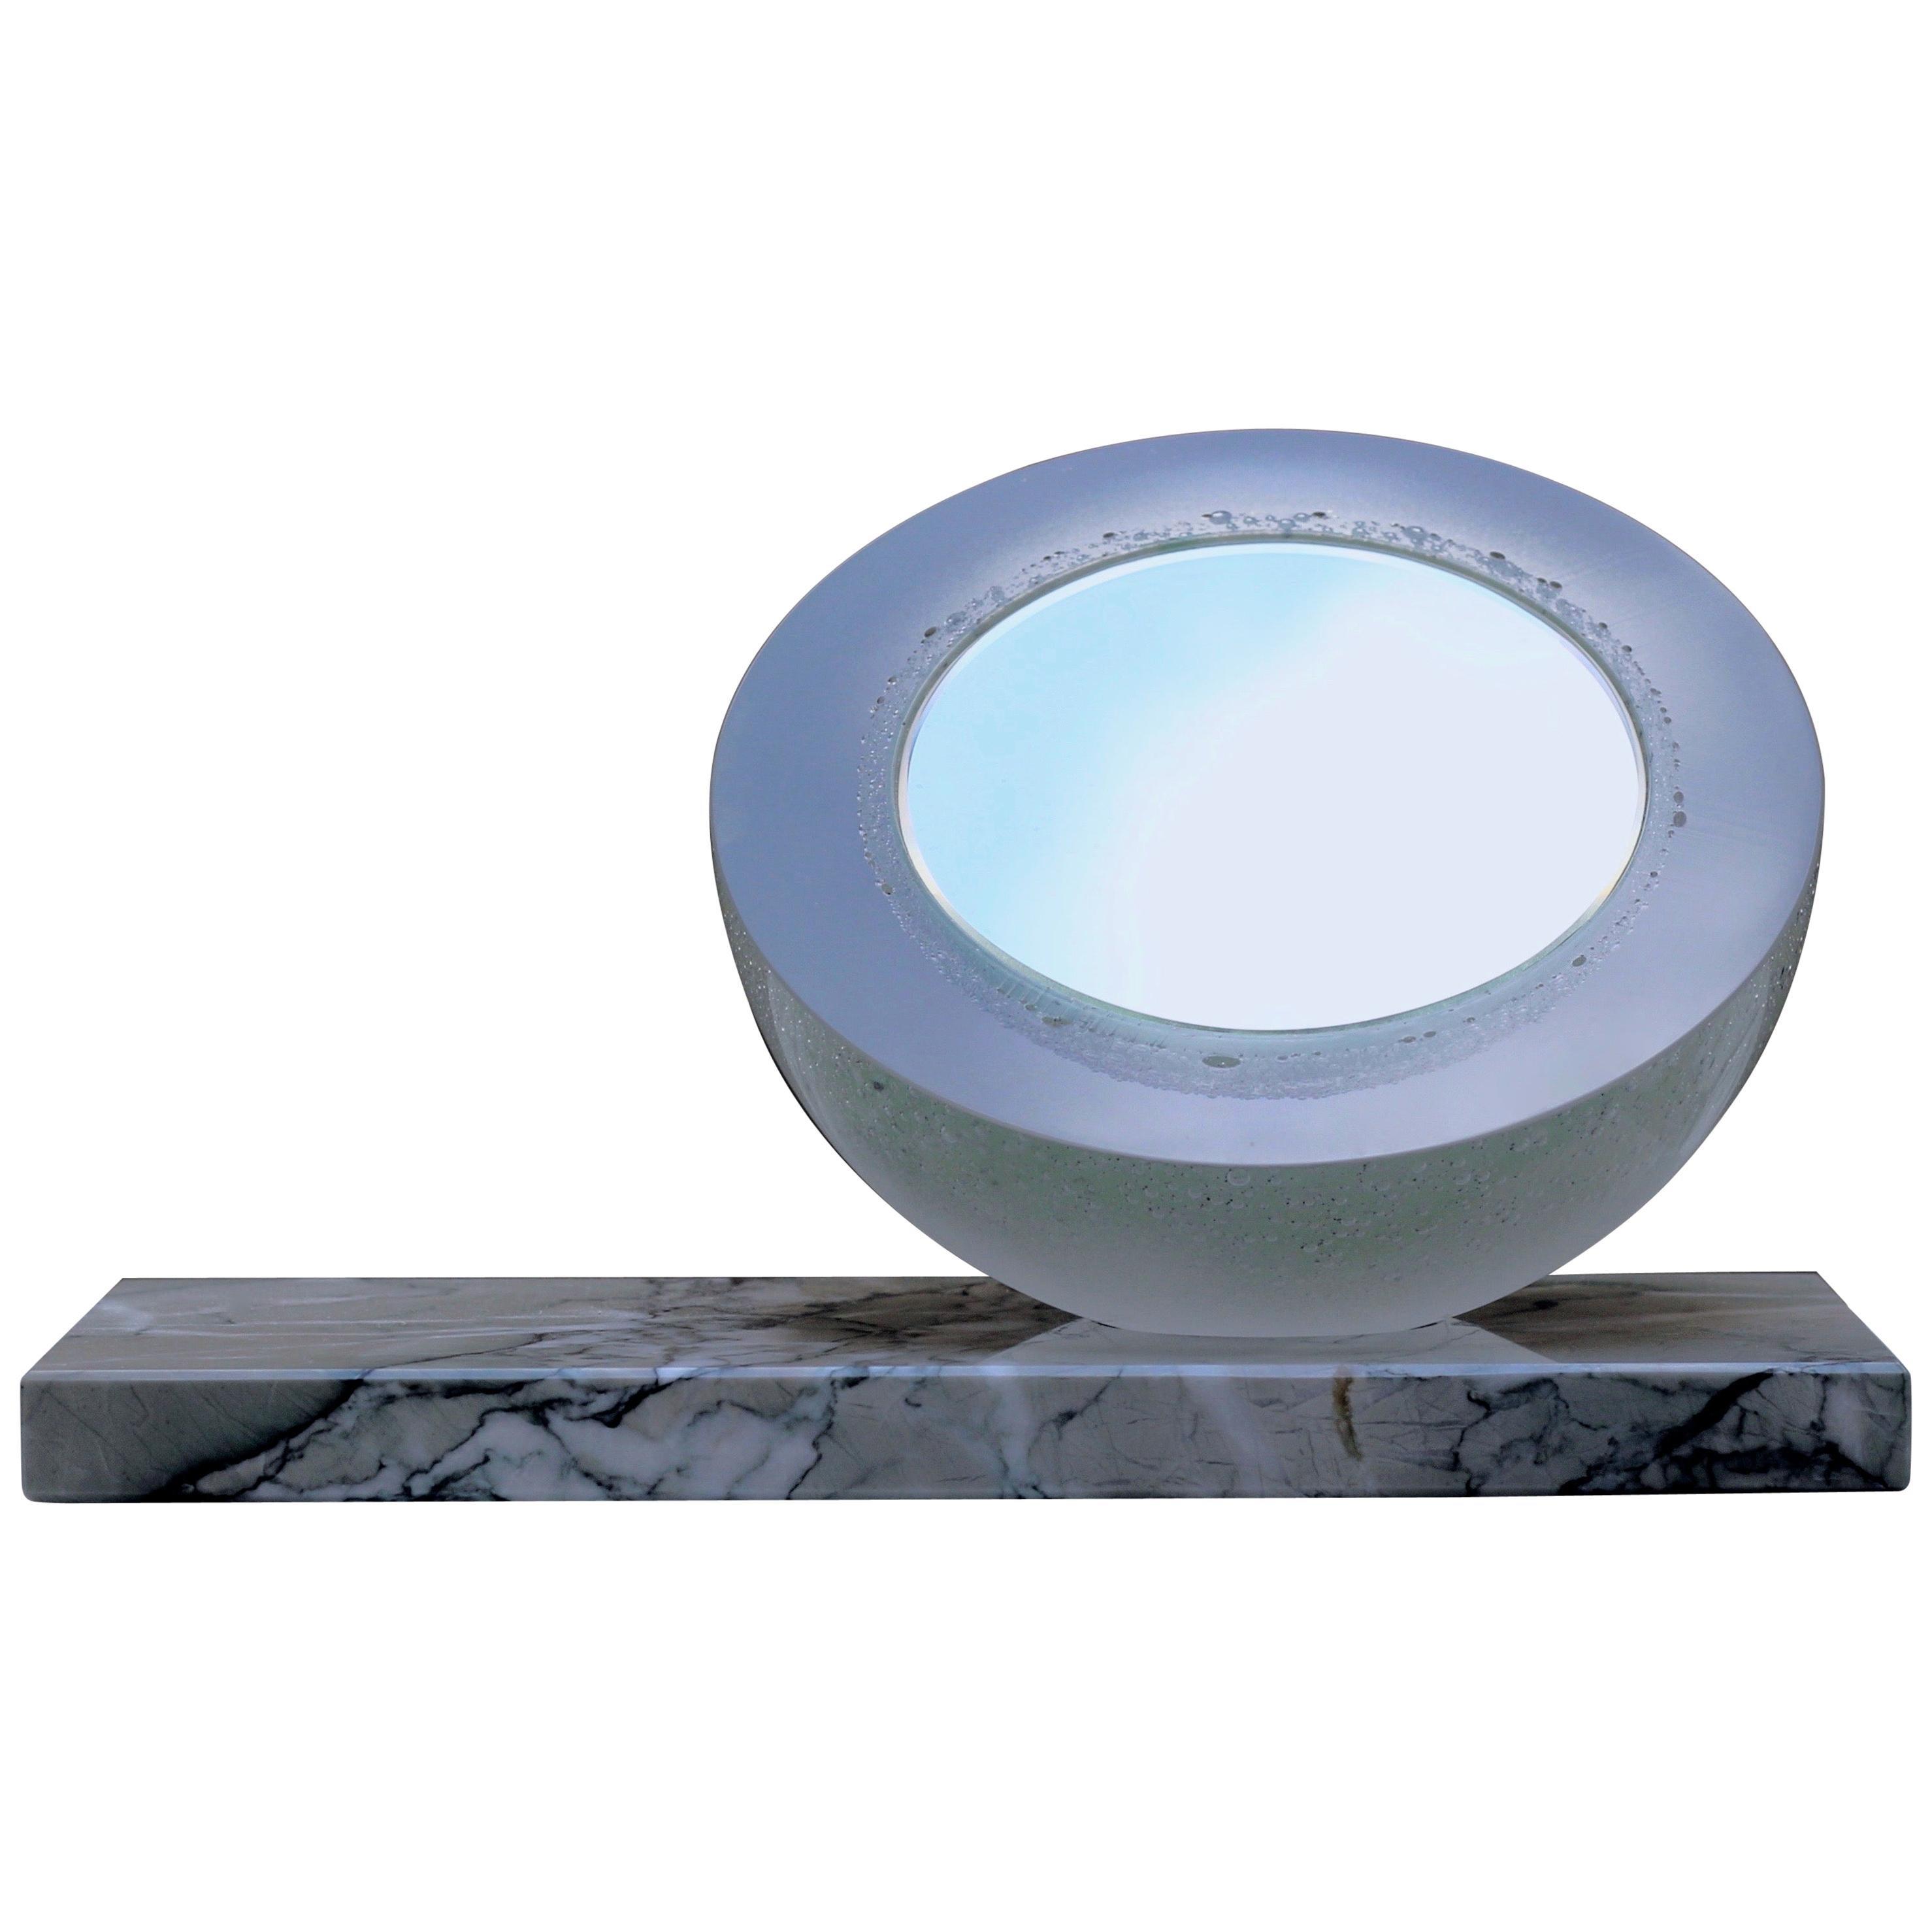 'Ice Queen' Vanity Mirror in Mint Matt Green Glass on Marble